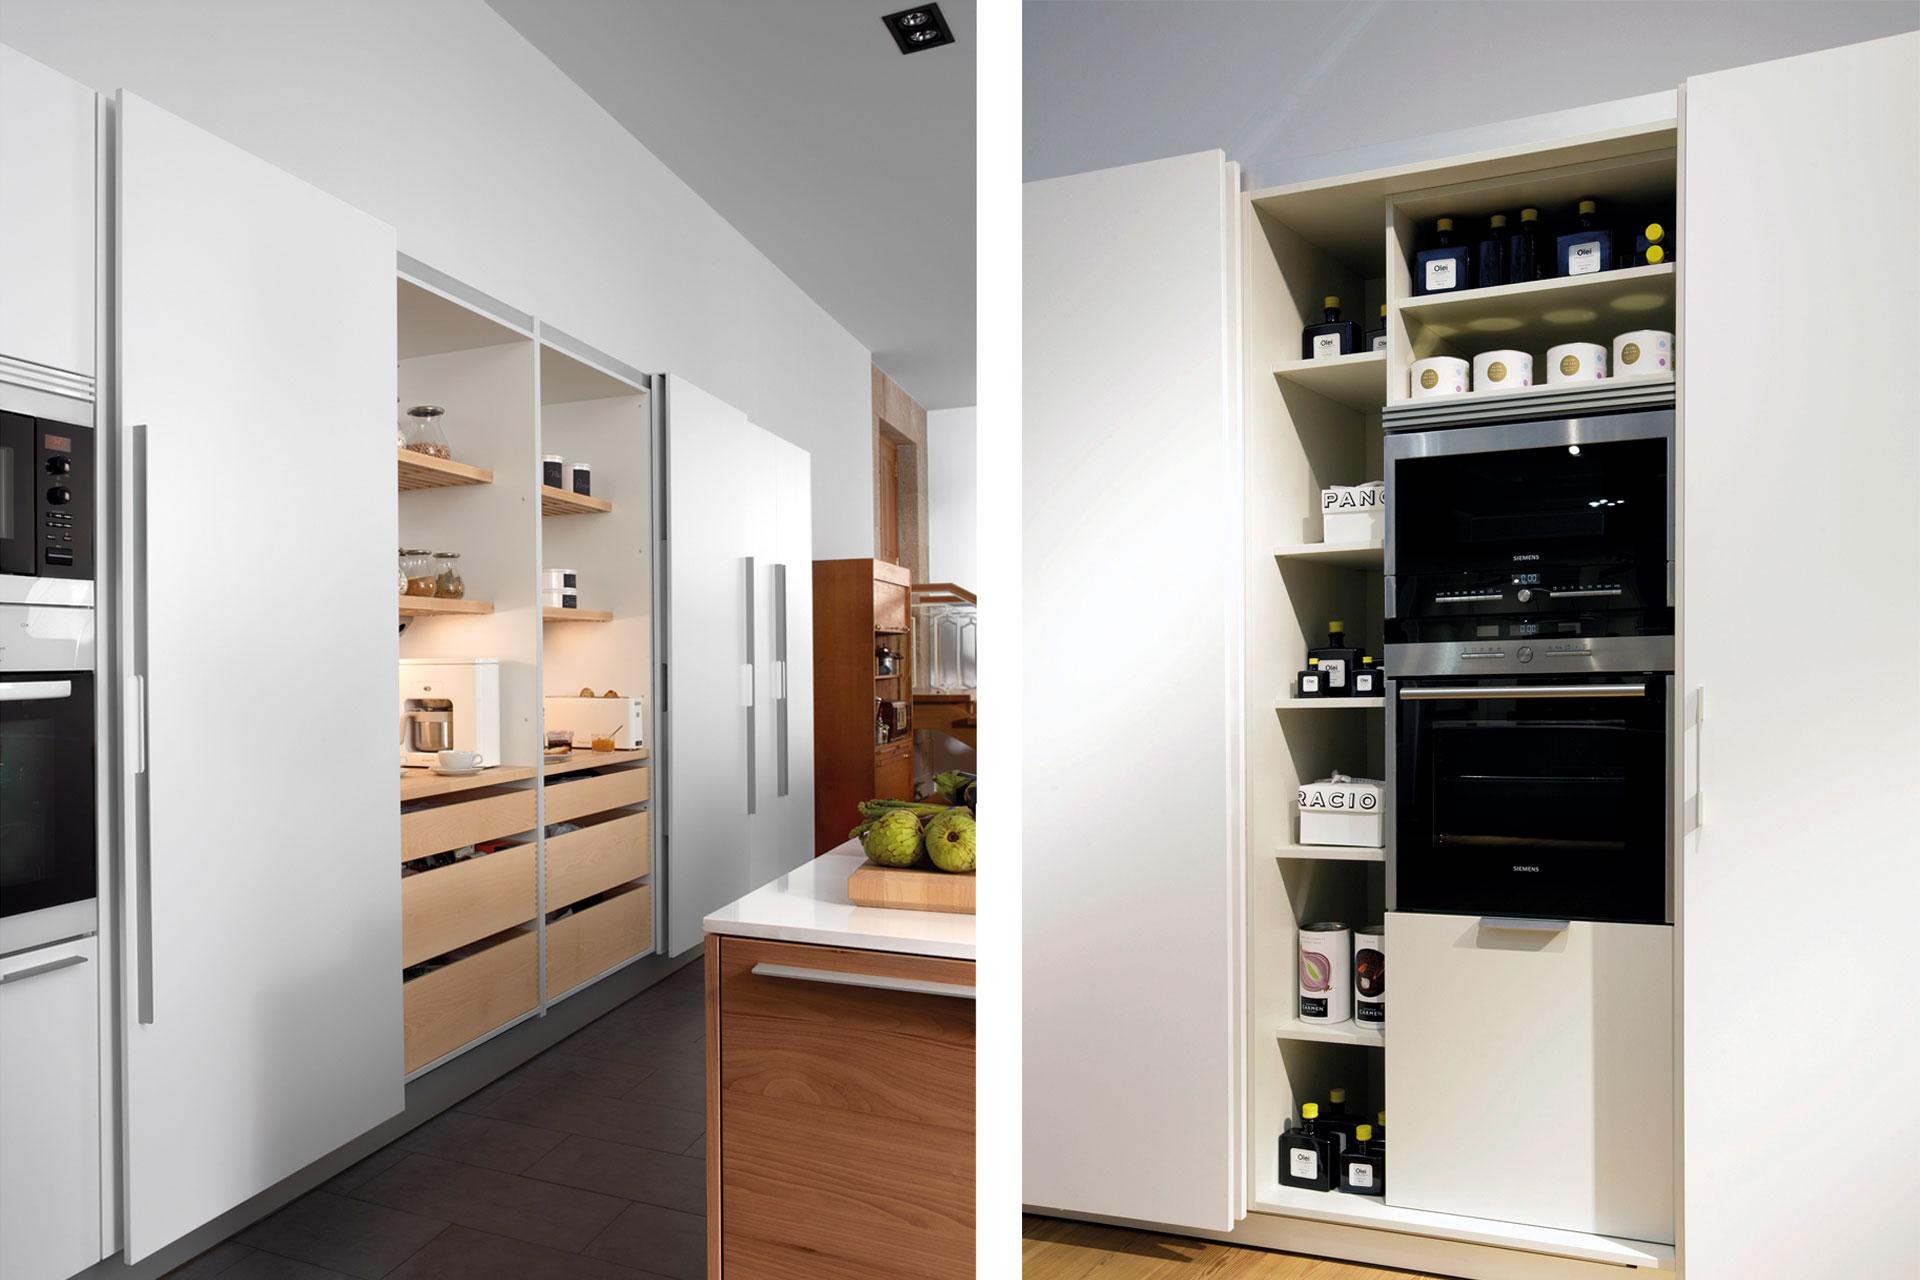 Electrodomésticos integrados: espacios limpios y armónicos   Coplanar   Cocinas Santos   Santiago Interiores